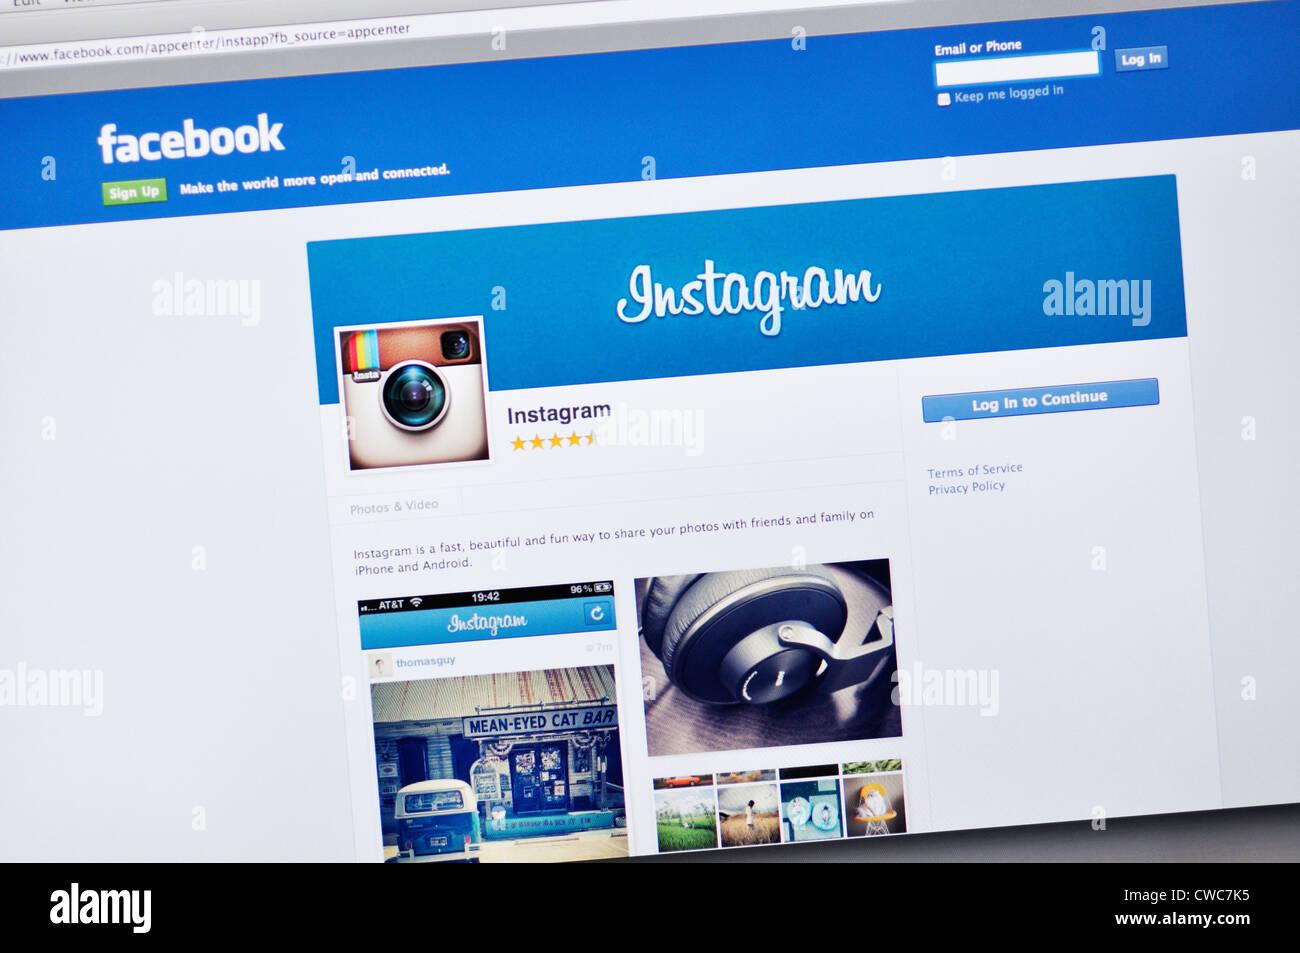 Facebook Instagram website - Stock Image